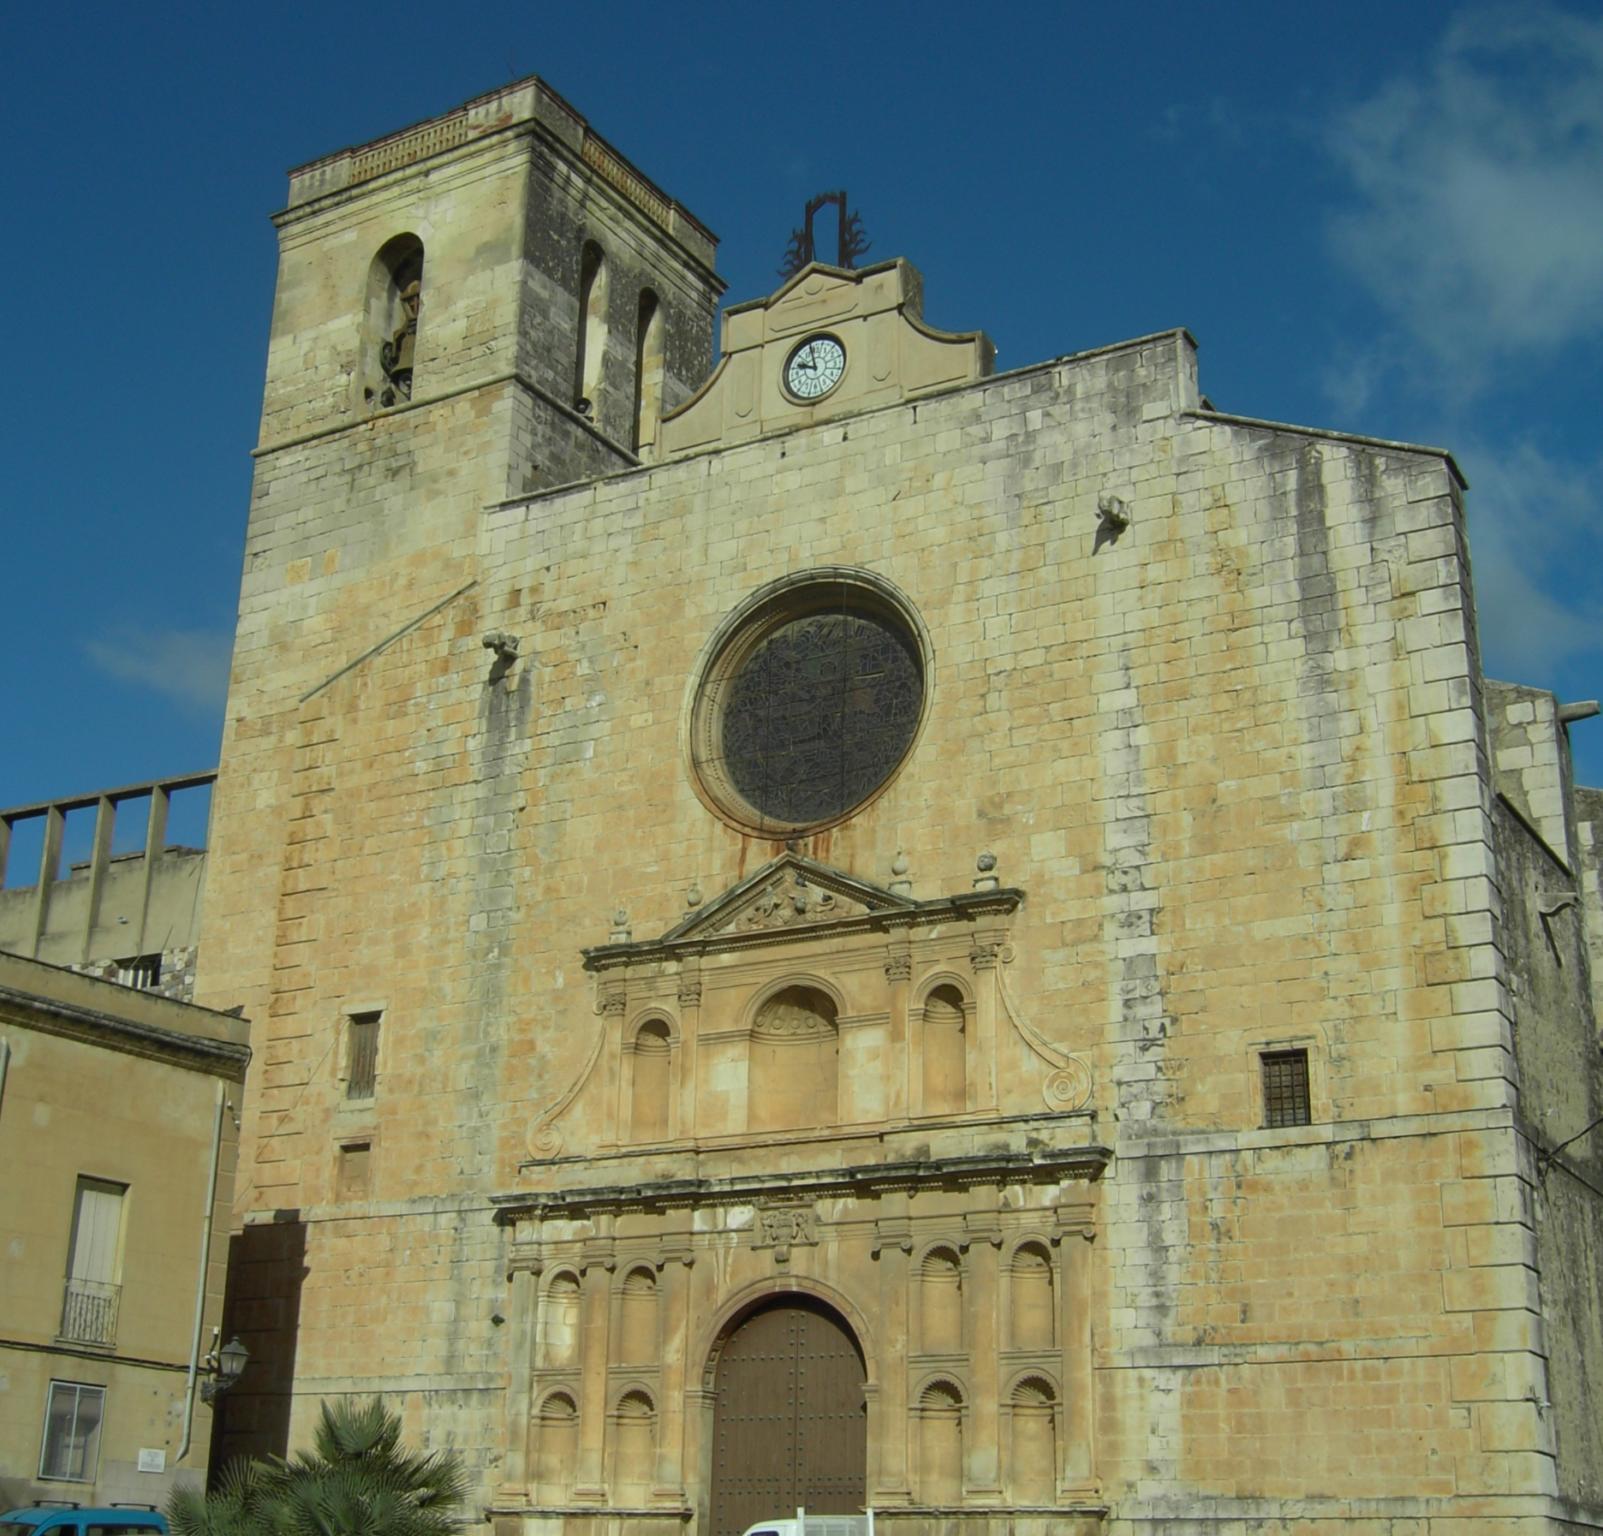 L'església de Sant Jaume de Riudoms. Foto: Wikimedia Commons